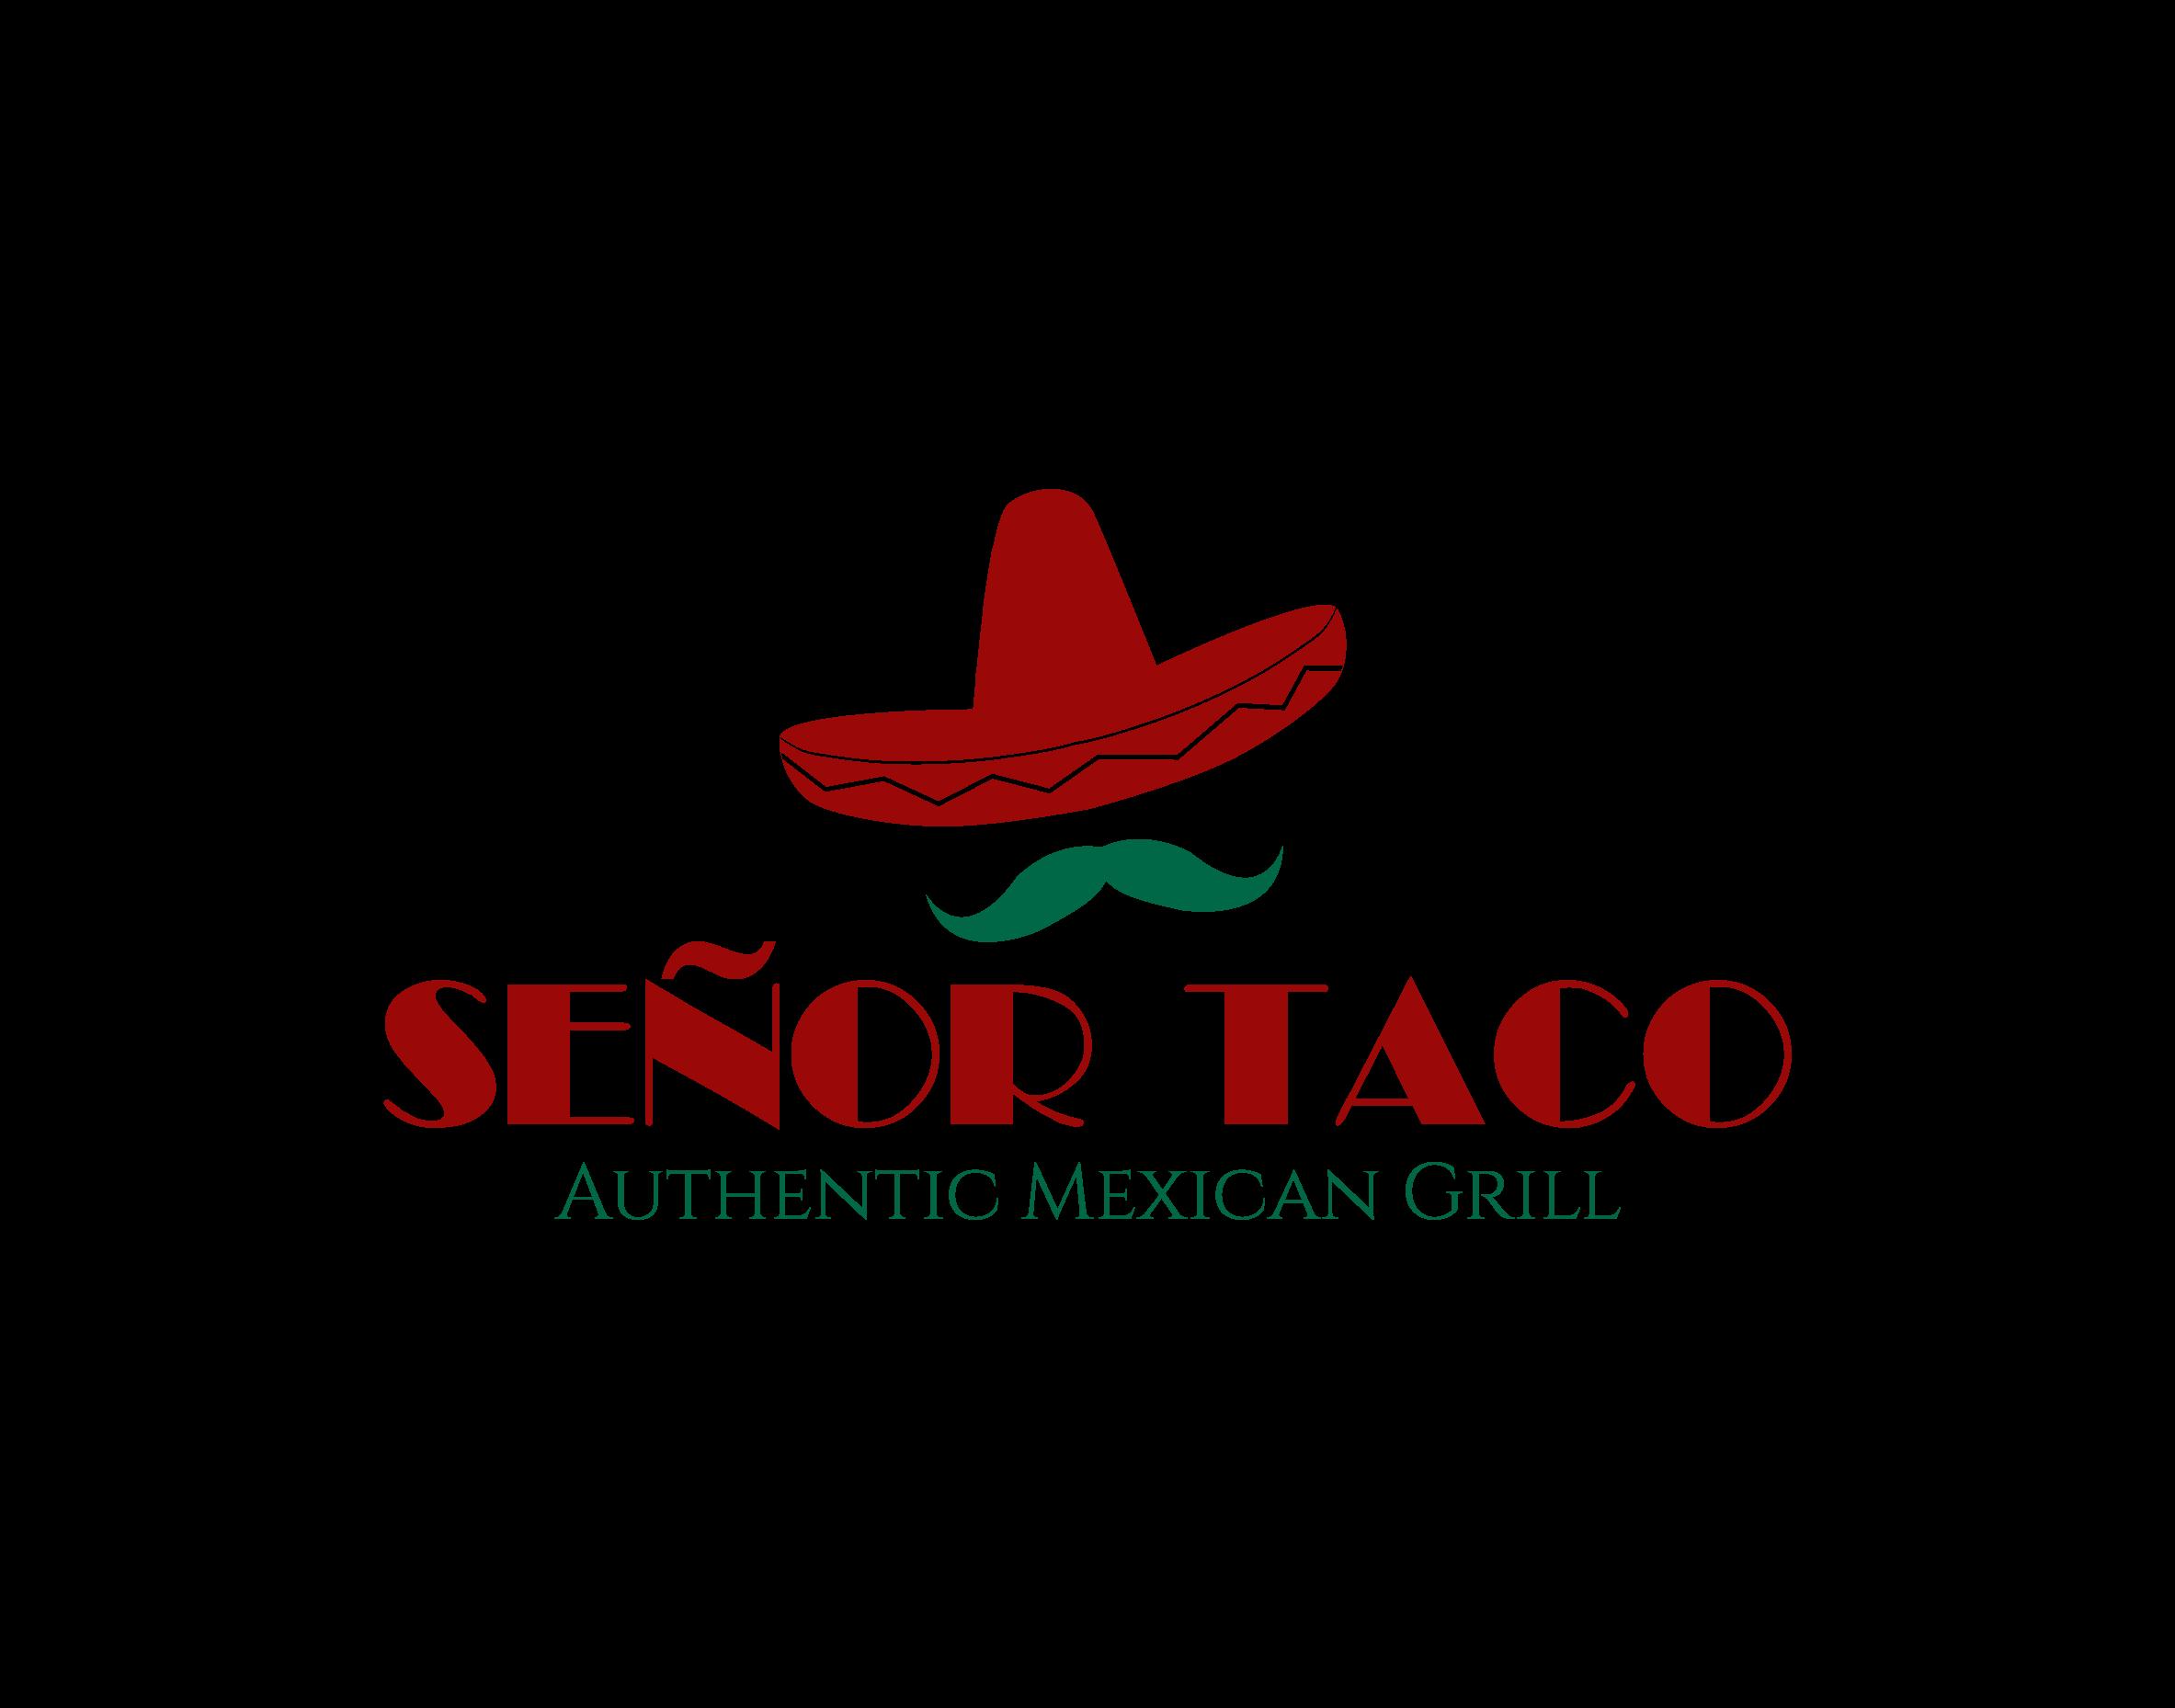 Senor Taco Taqueria